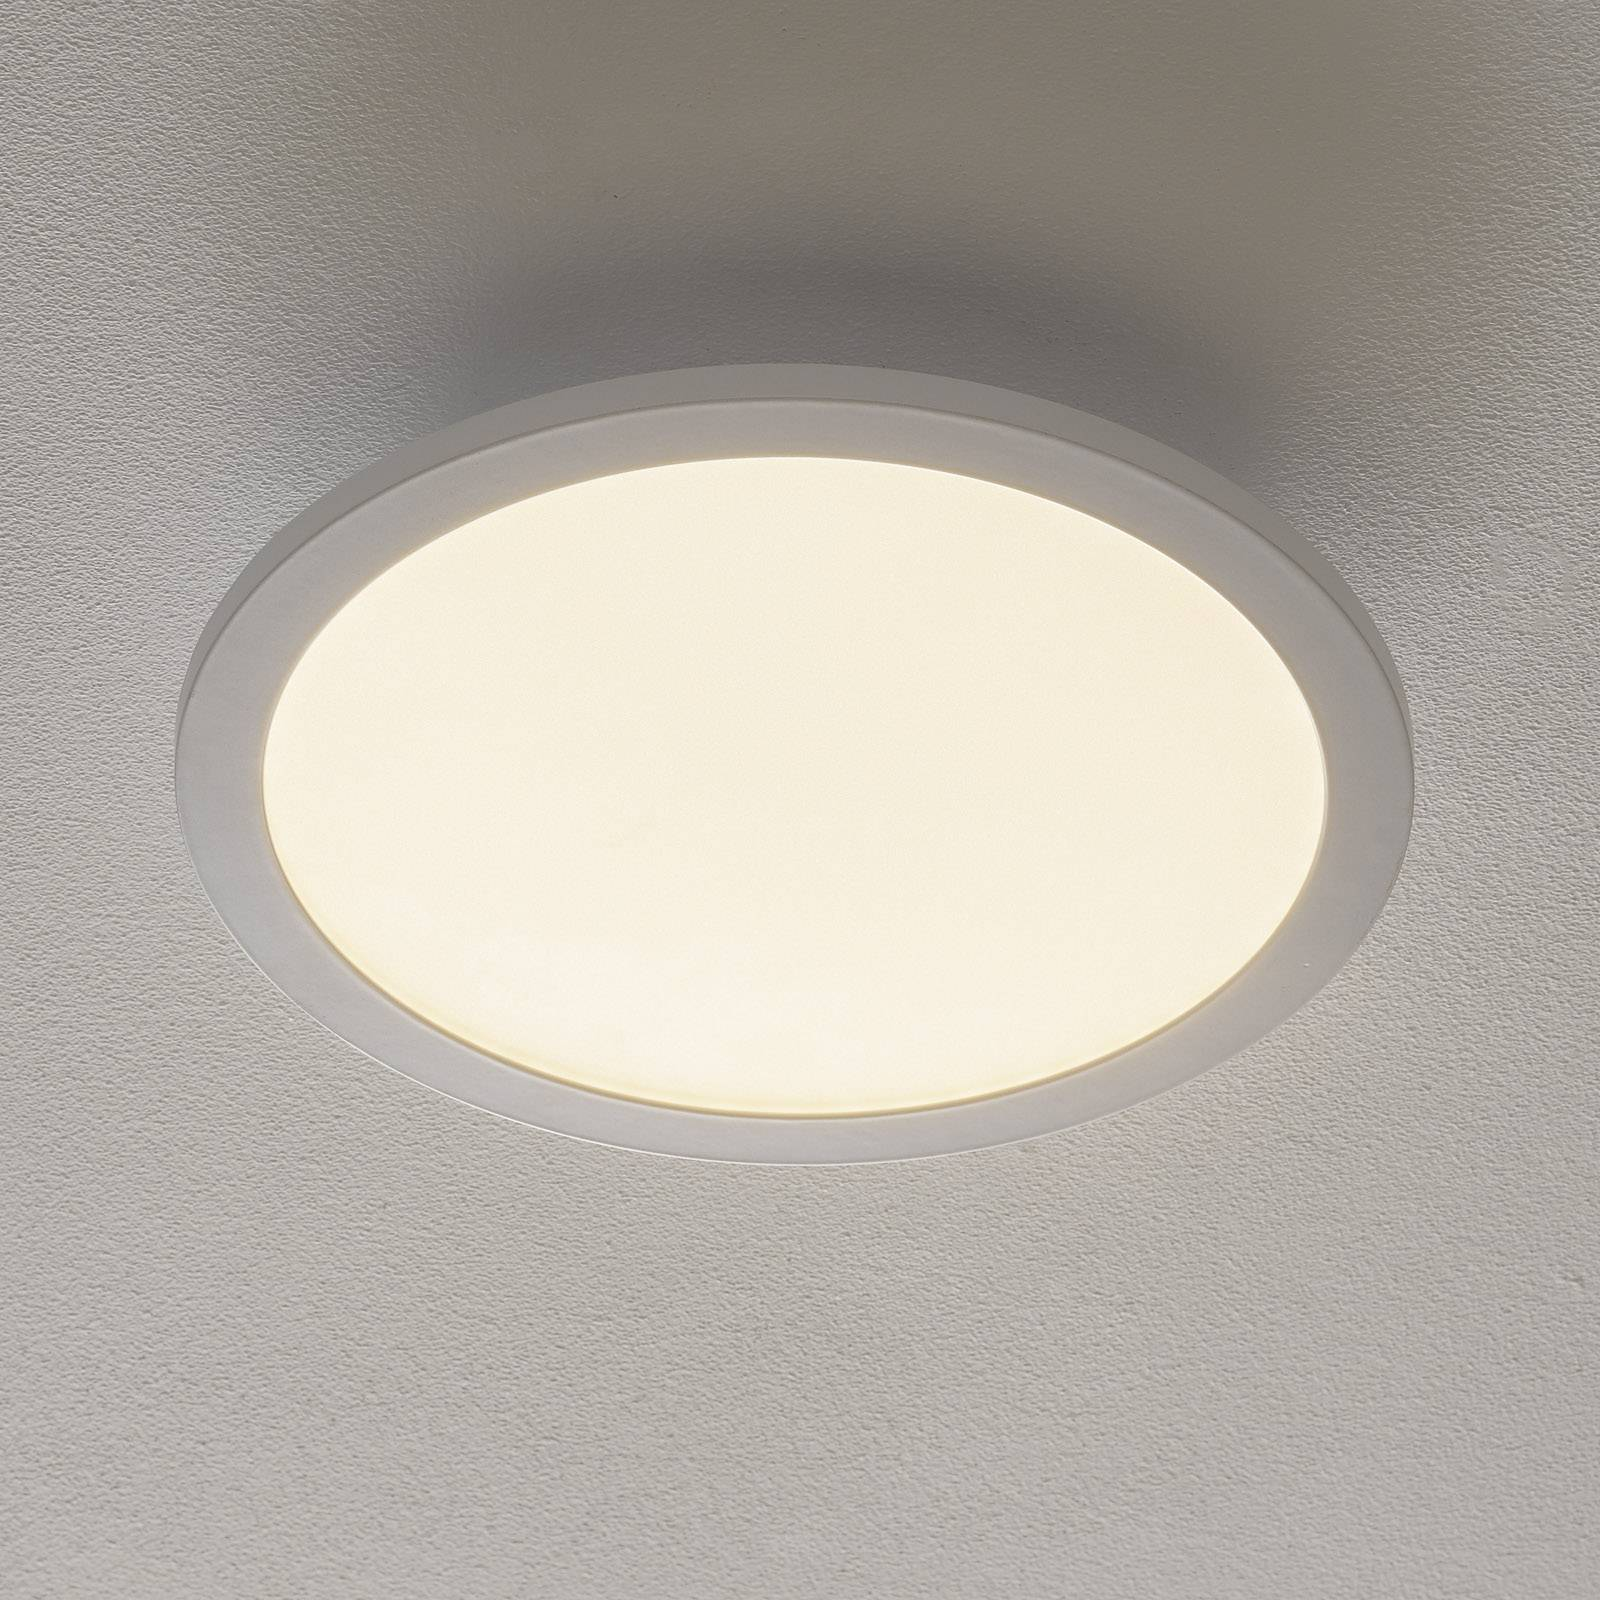 EGLO connect Sarsina-C LED-Deckenleuchte, 30cm